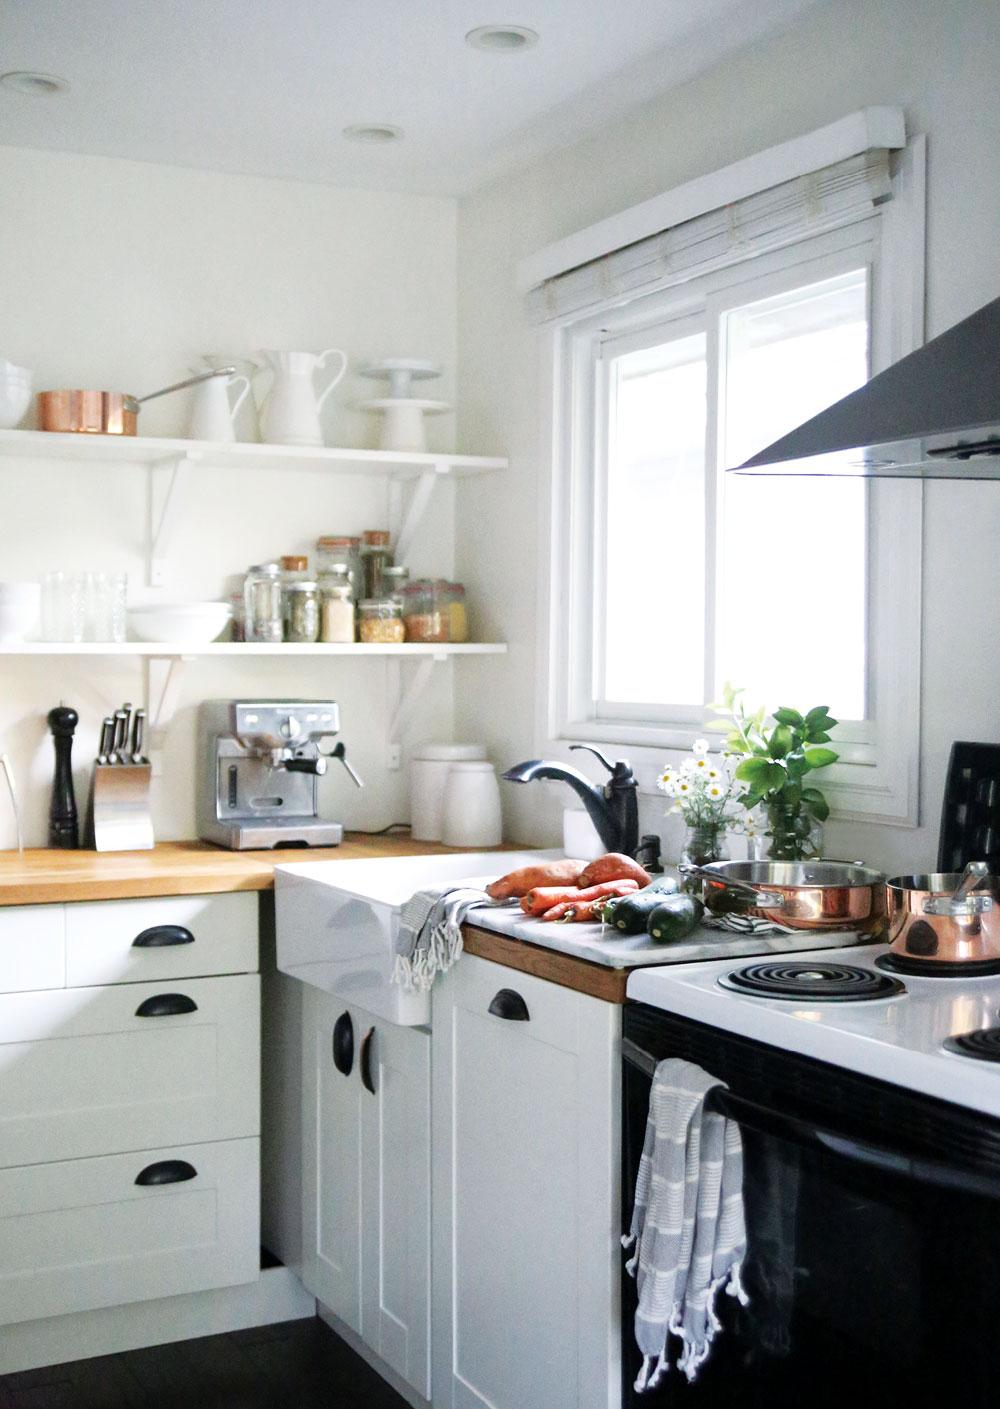 Sweet-Potato-Zoodle-Stir-Fry-Pure-Ella-Leche-Martha-Stewart-Tri-Ply-Copper-10-Pc.-Cookware-Set2